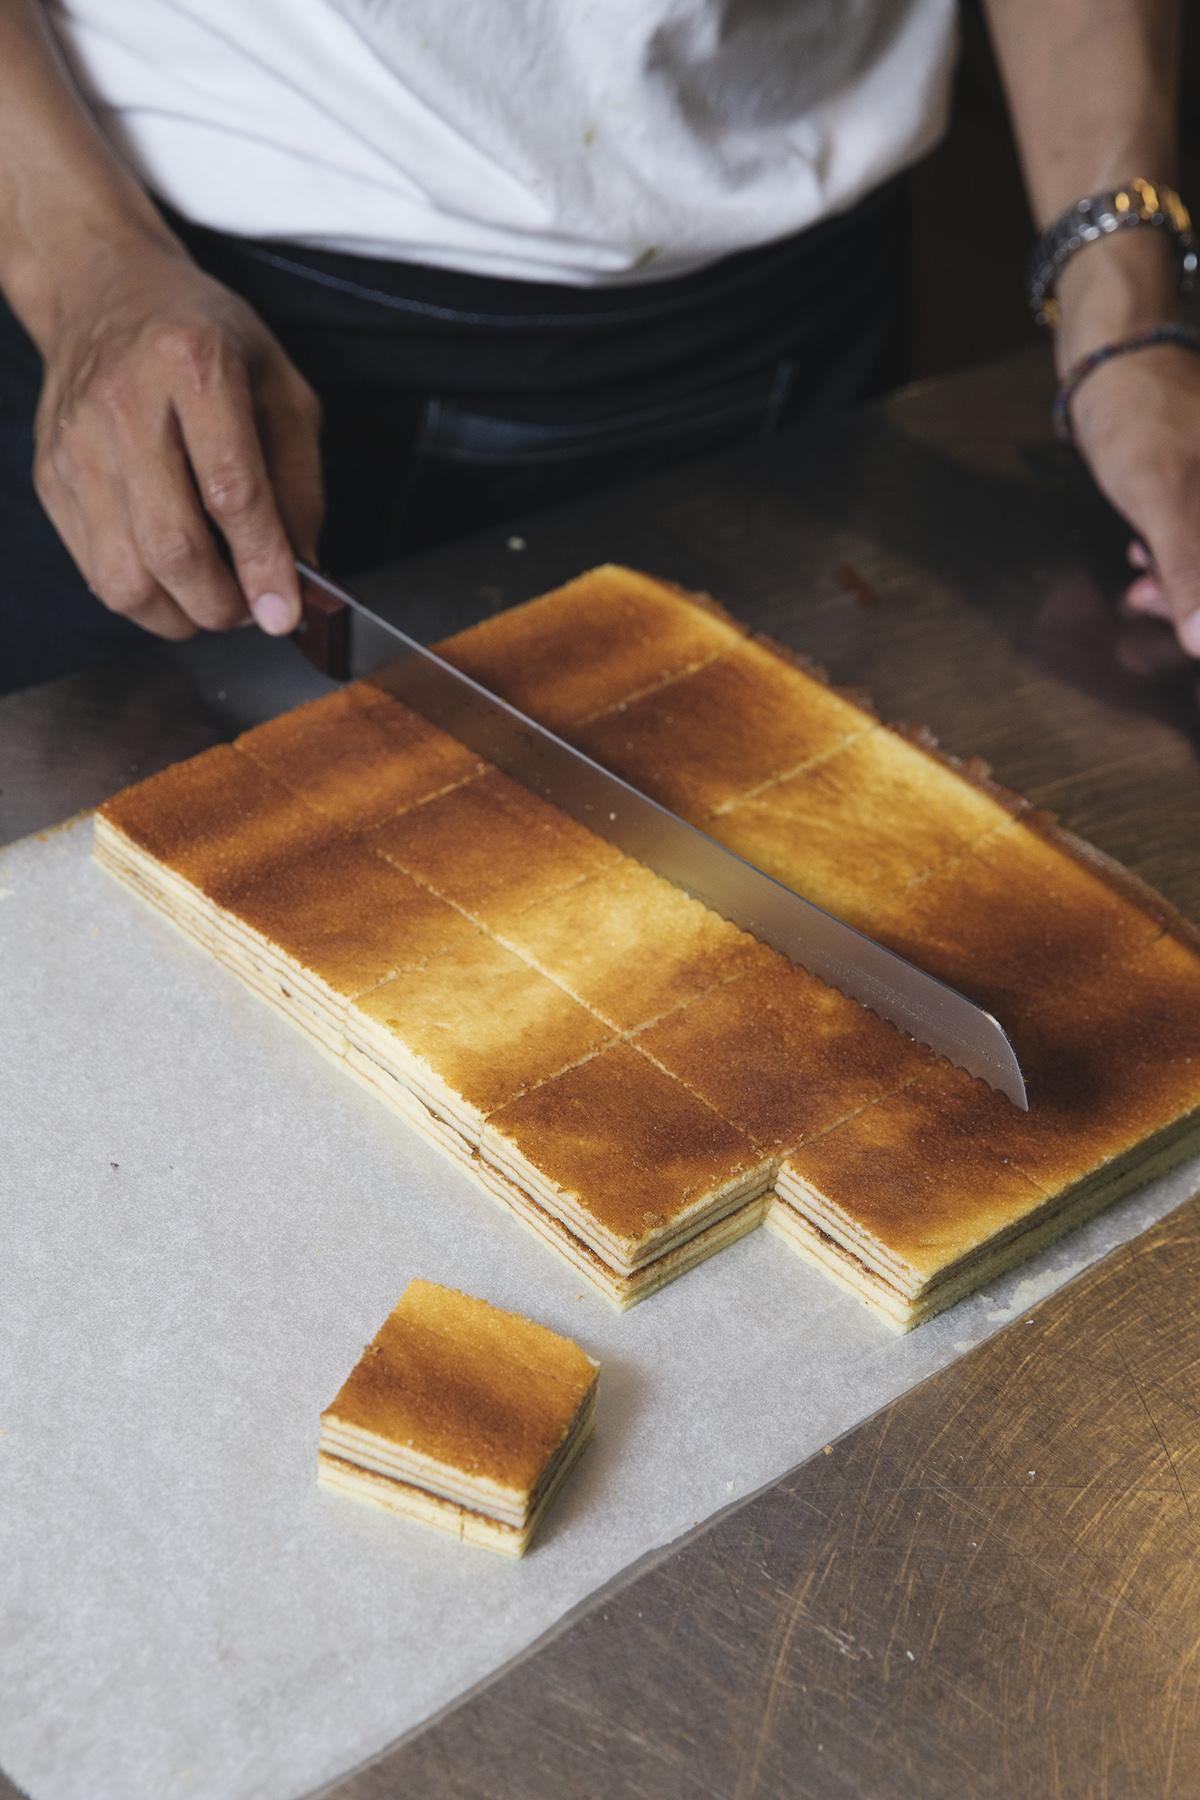 梅子千層蛋糕 吃到自製梅子醬和蛋糕酸酸甜甜的超解膩搭配   甘樂食堂下午茶   古厝裡的美味時光